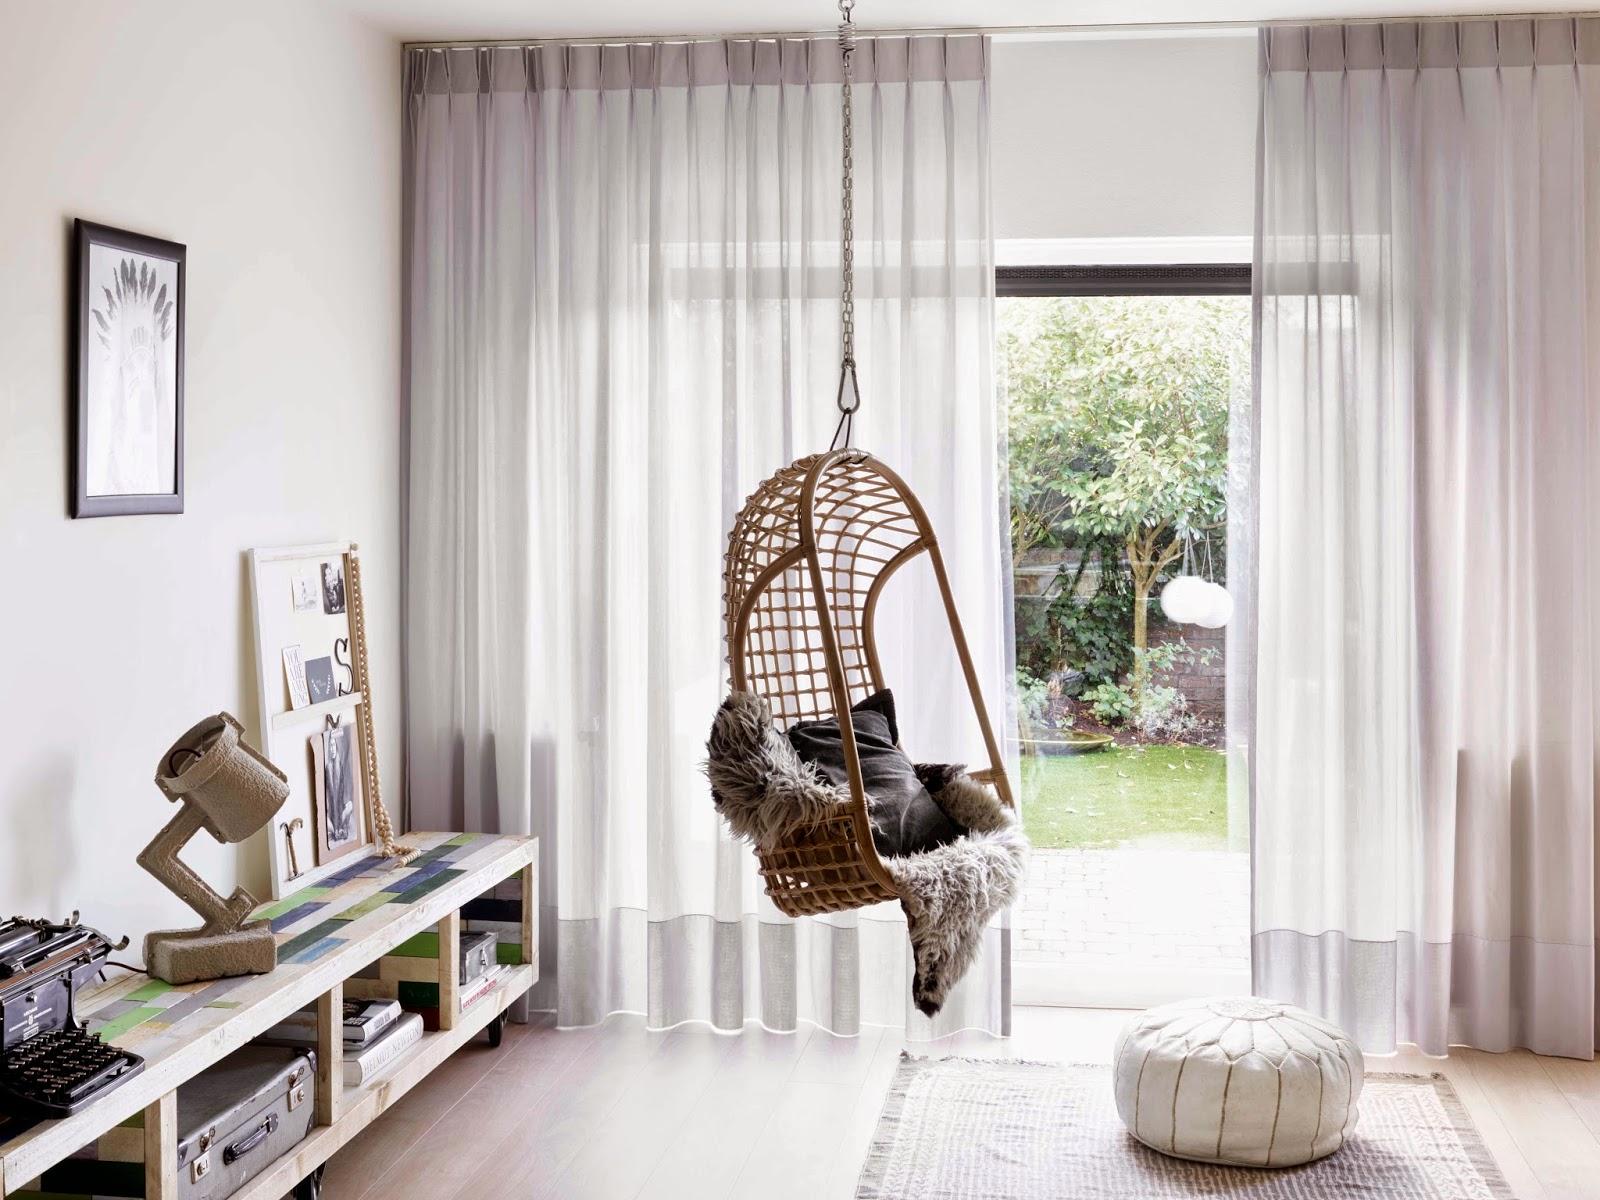 Styling Ideeen Woonkamer : Woonkamer ideeen planten decoratie ideeen woonkamer